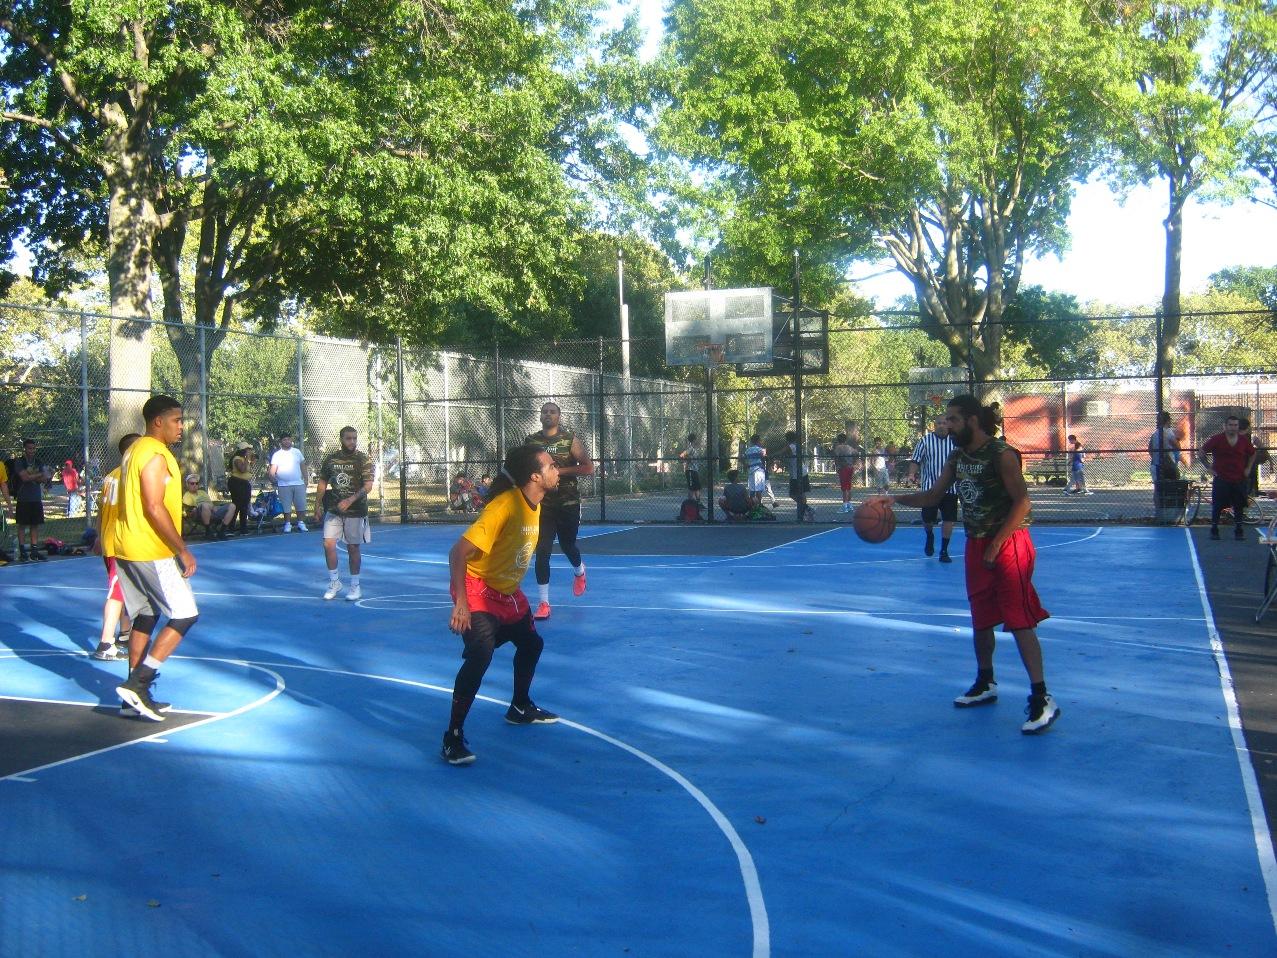 社会人バスケットボールの試合。